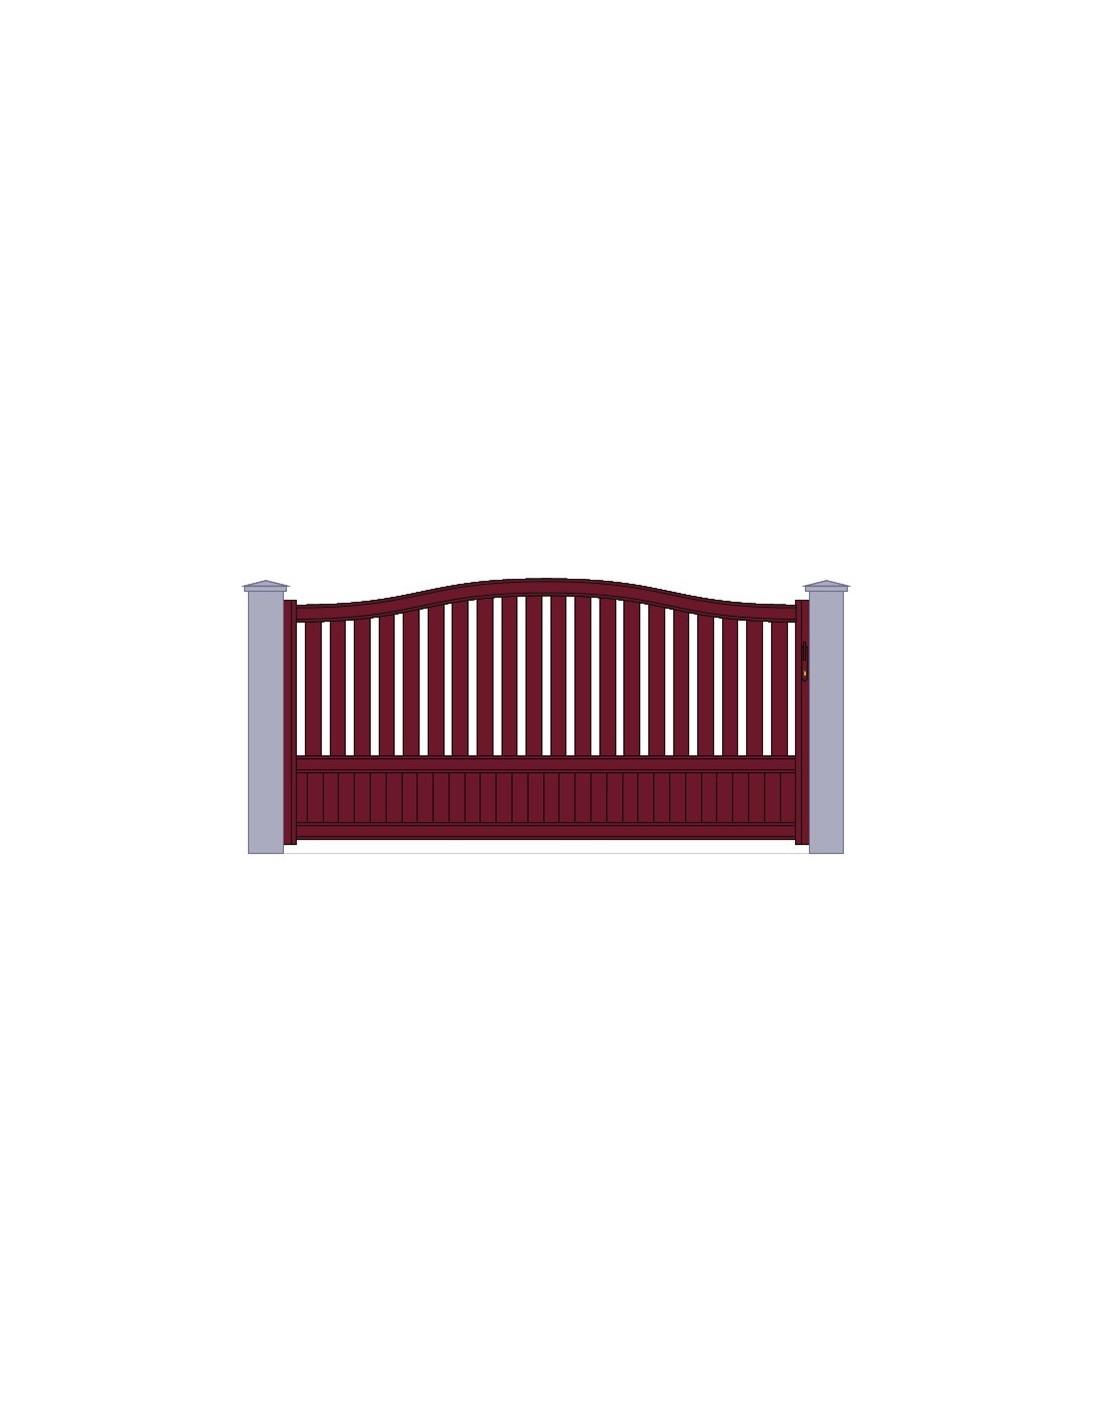 portail aluminiun rouge standard coulissant chapeau de gendarme largeur x. Black Bedroom Furniture Sets. Home Design Ideas